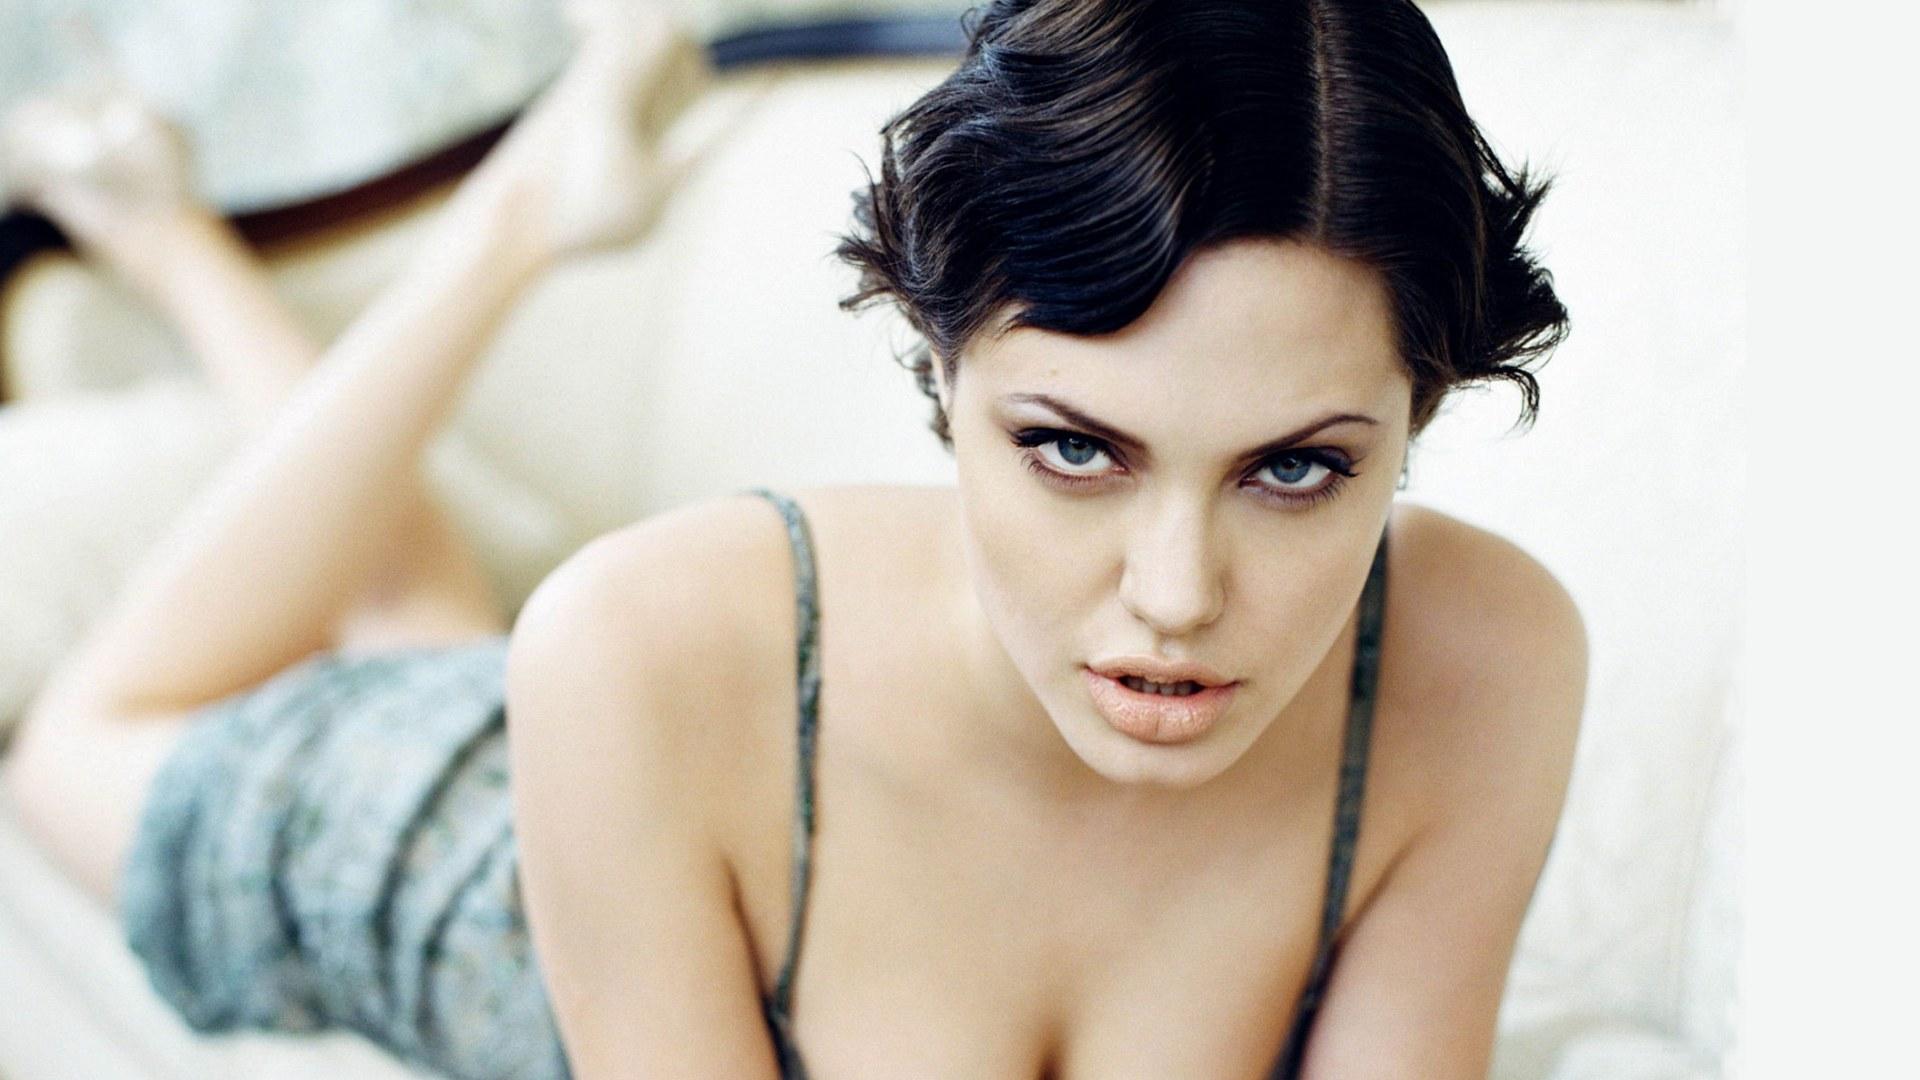 Angelina Jolie Hot Girls HD Wallpaper Angelina Jolie Hot Girls 1920x1080